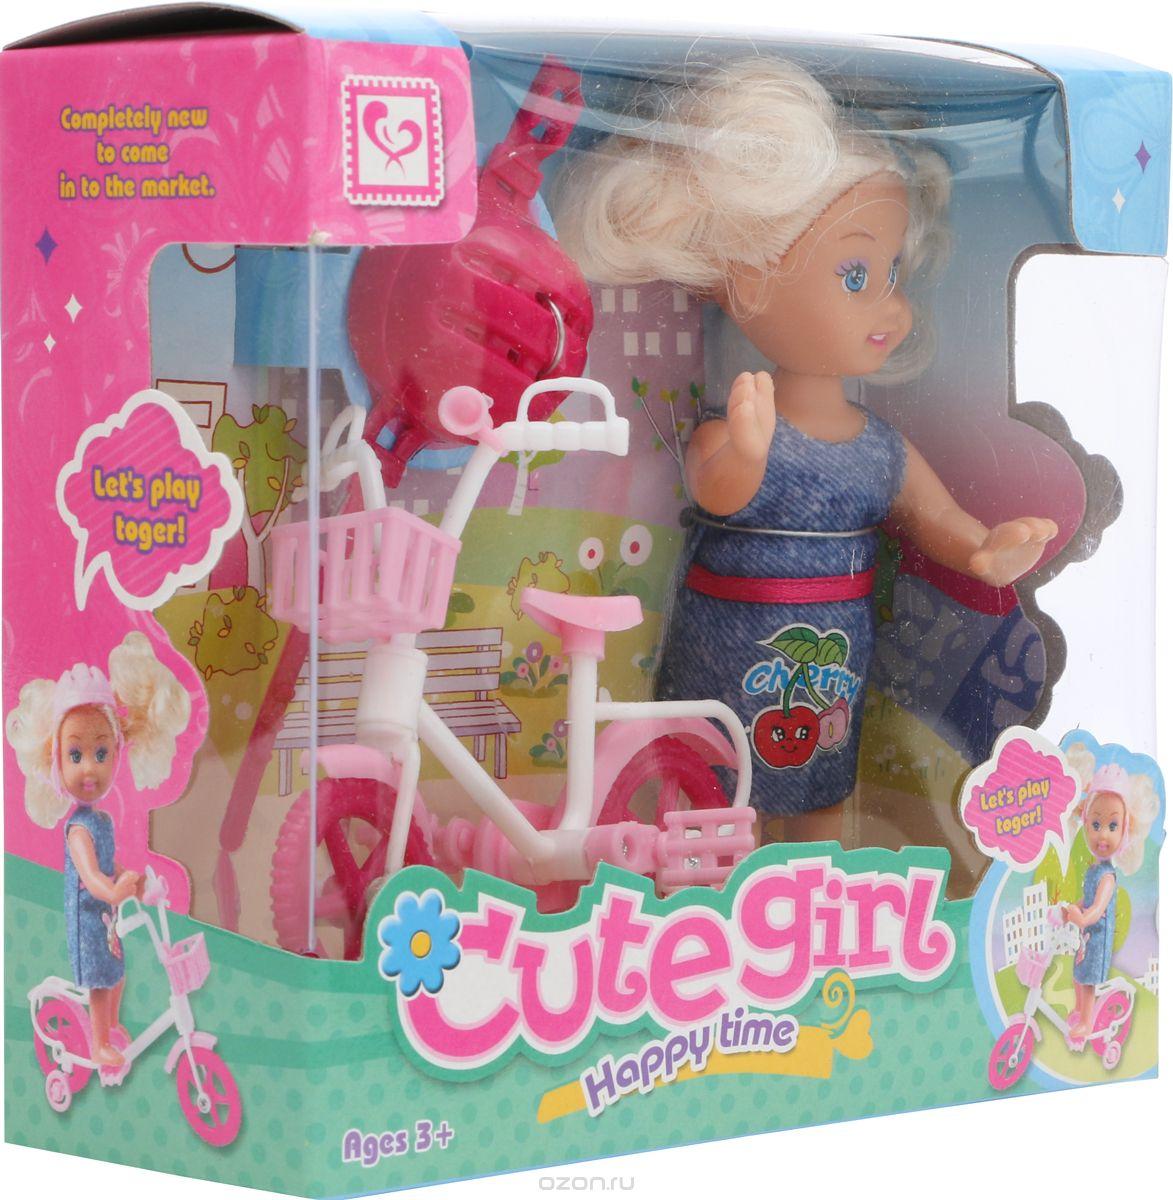 Мини-кукла No Name K073403 с велосипедом и аксессуарами розовый, синий мини кукла no name k080189 с мотоциклом и аксессуарами 1006440 розовый